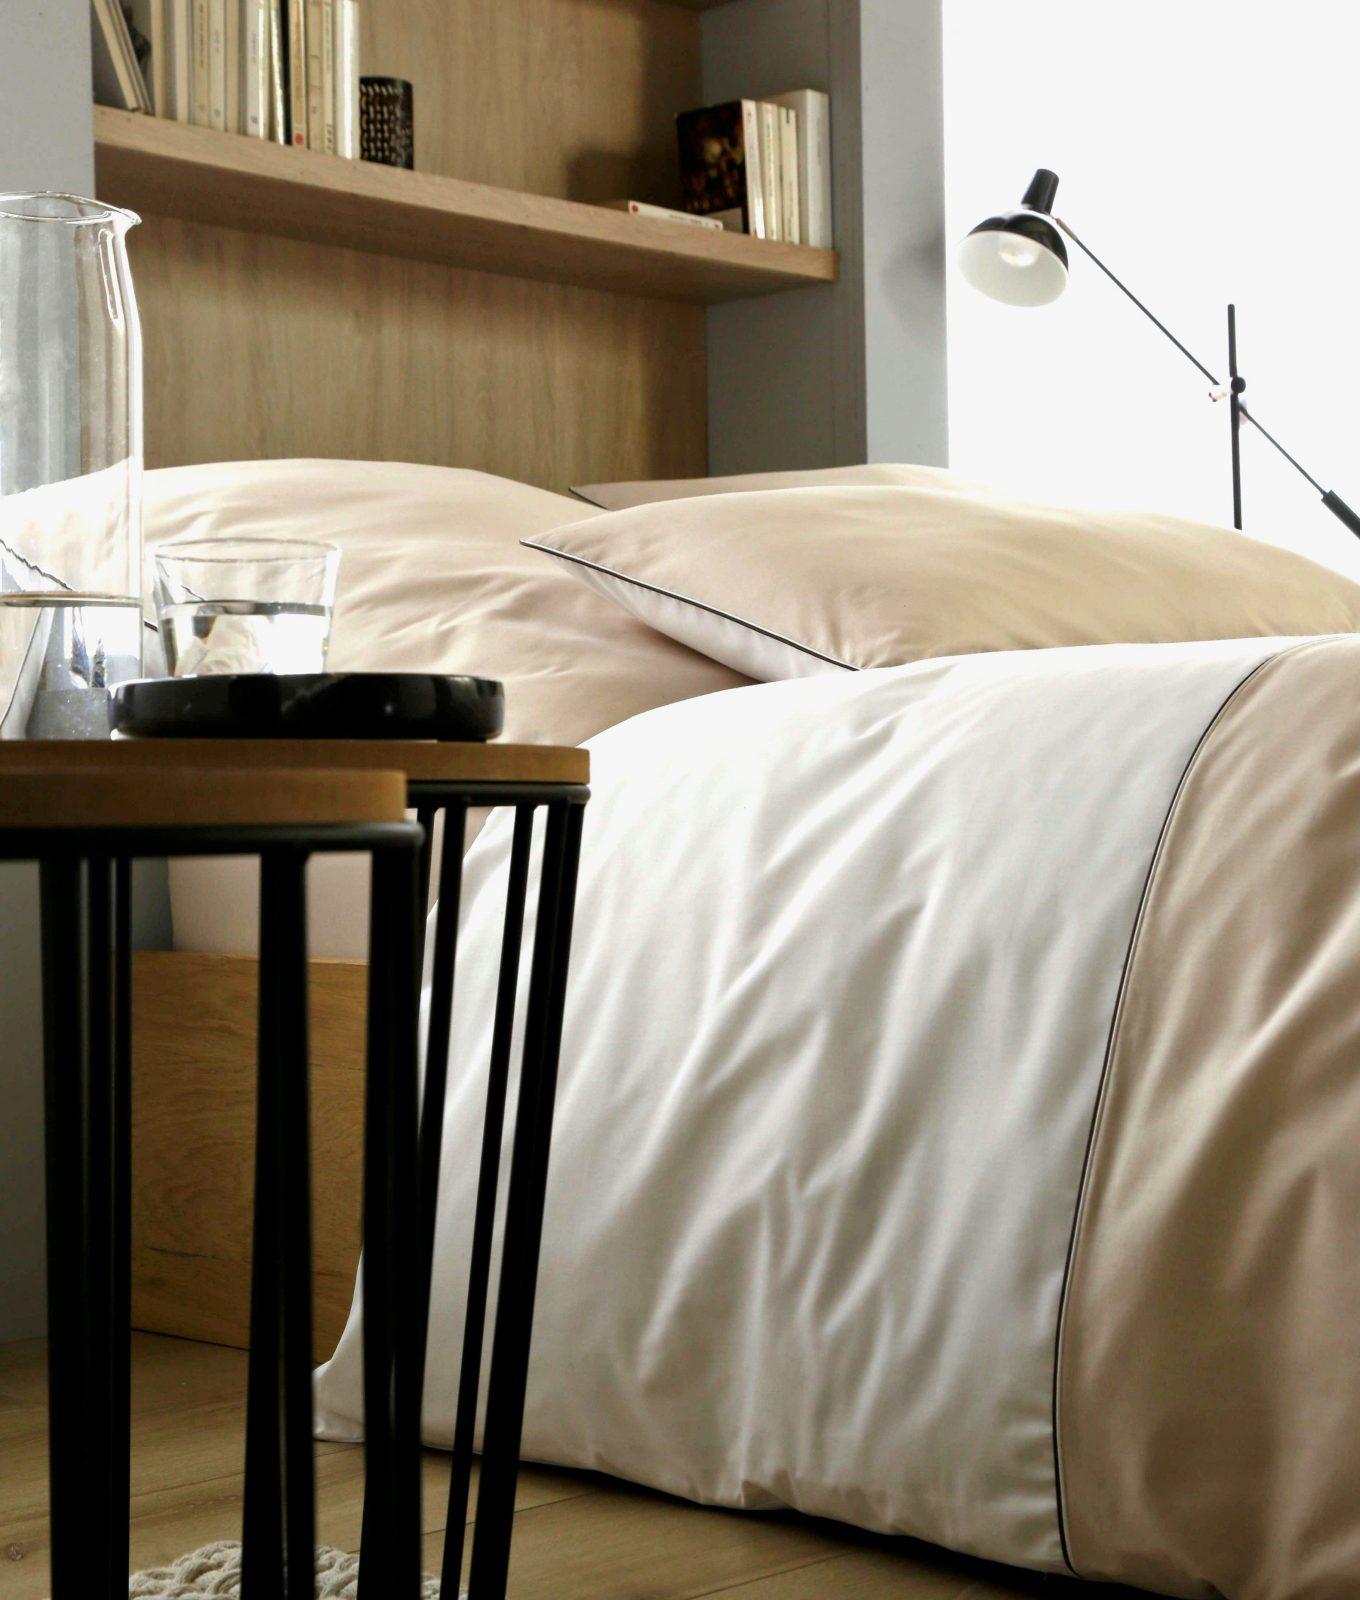 Aldi Nord Online Shop Bettwasche Whirlpool Kaufen Ab Donnerstag 24